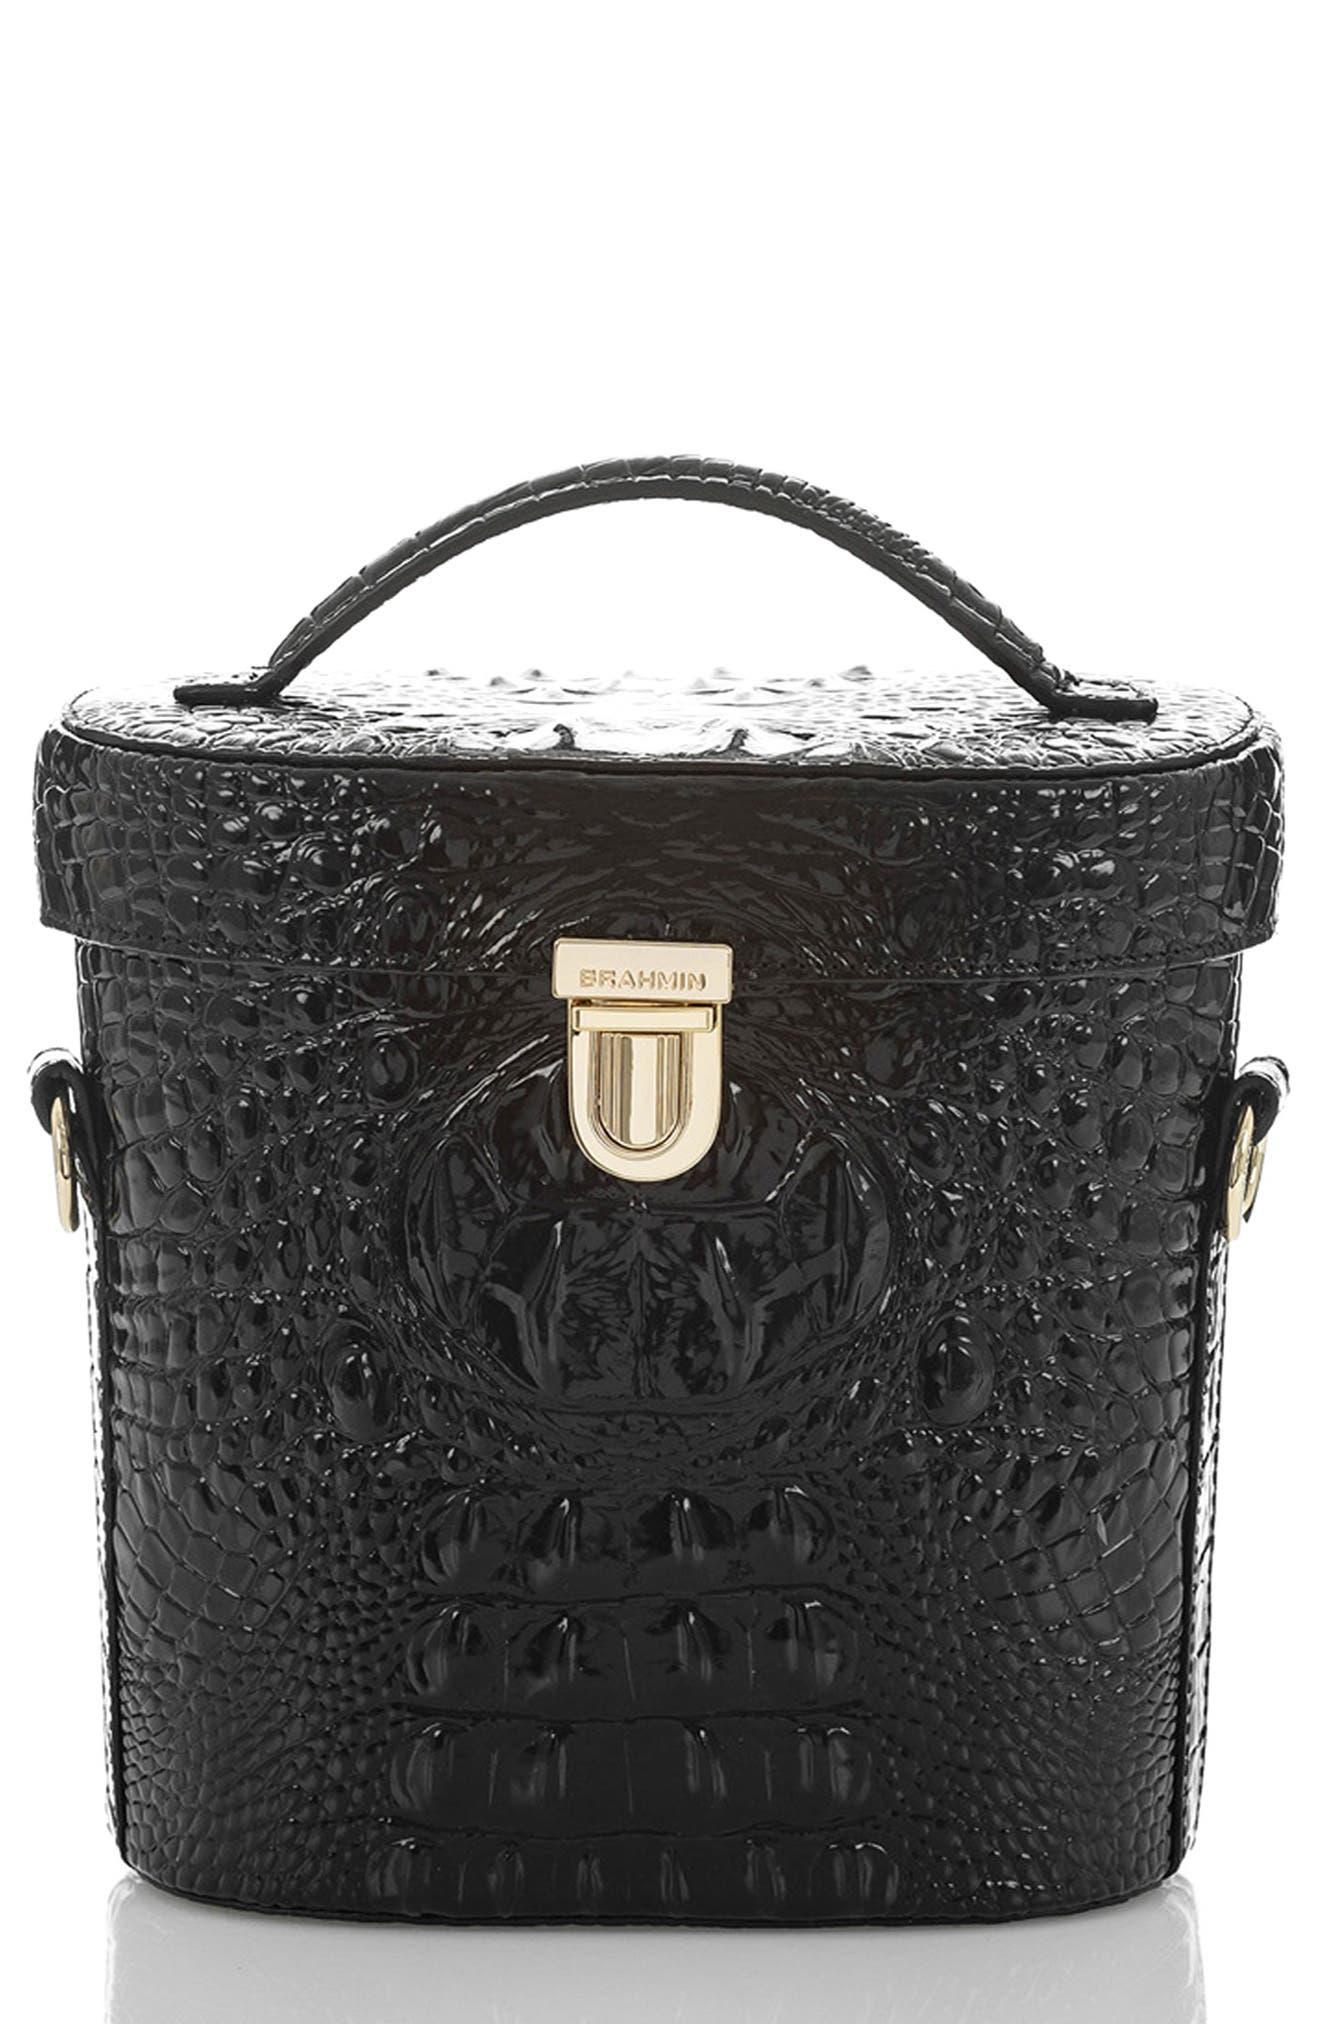 BRAHMIN, Pipp Croc Embossed Leather Top Handle Bag, Main thumbnail 1, color, BLACK MEMBOURNE